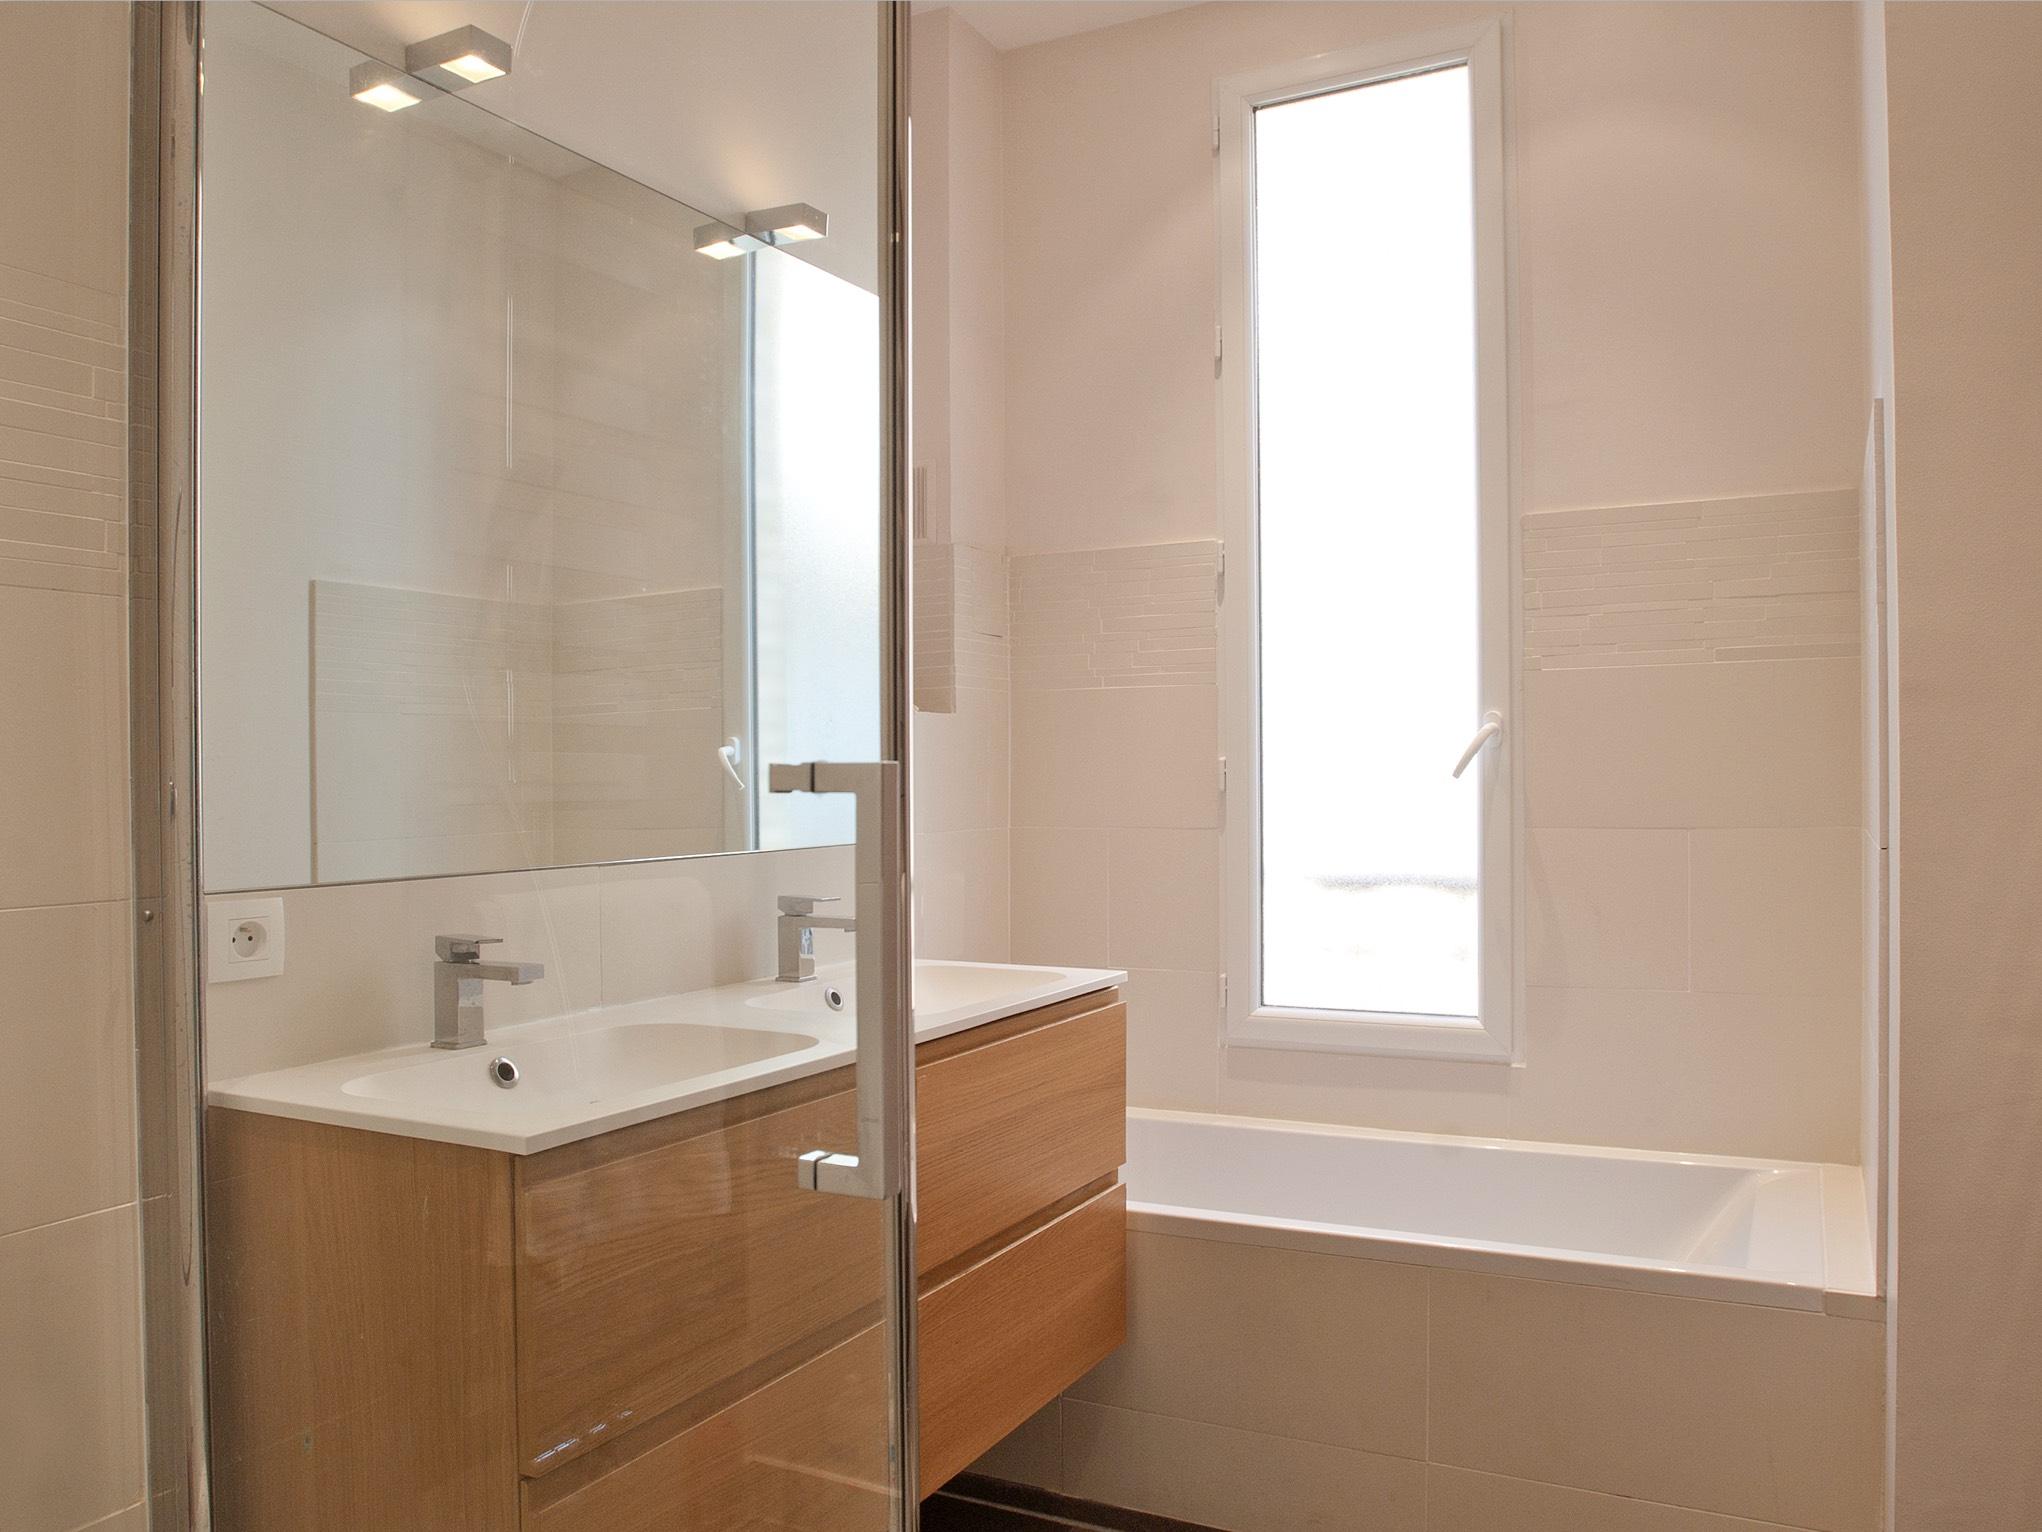 Rénovation complète d'un appartement de 150m2 avec l'architecte Thibaut de Montmarin - Salle de Bain